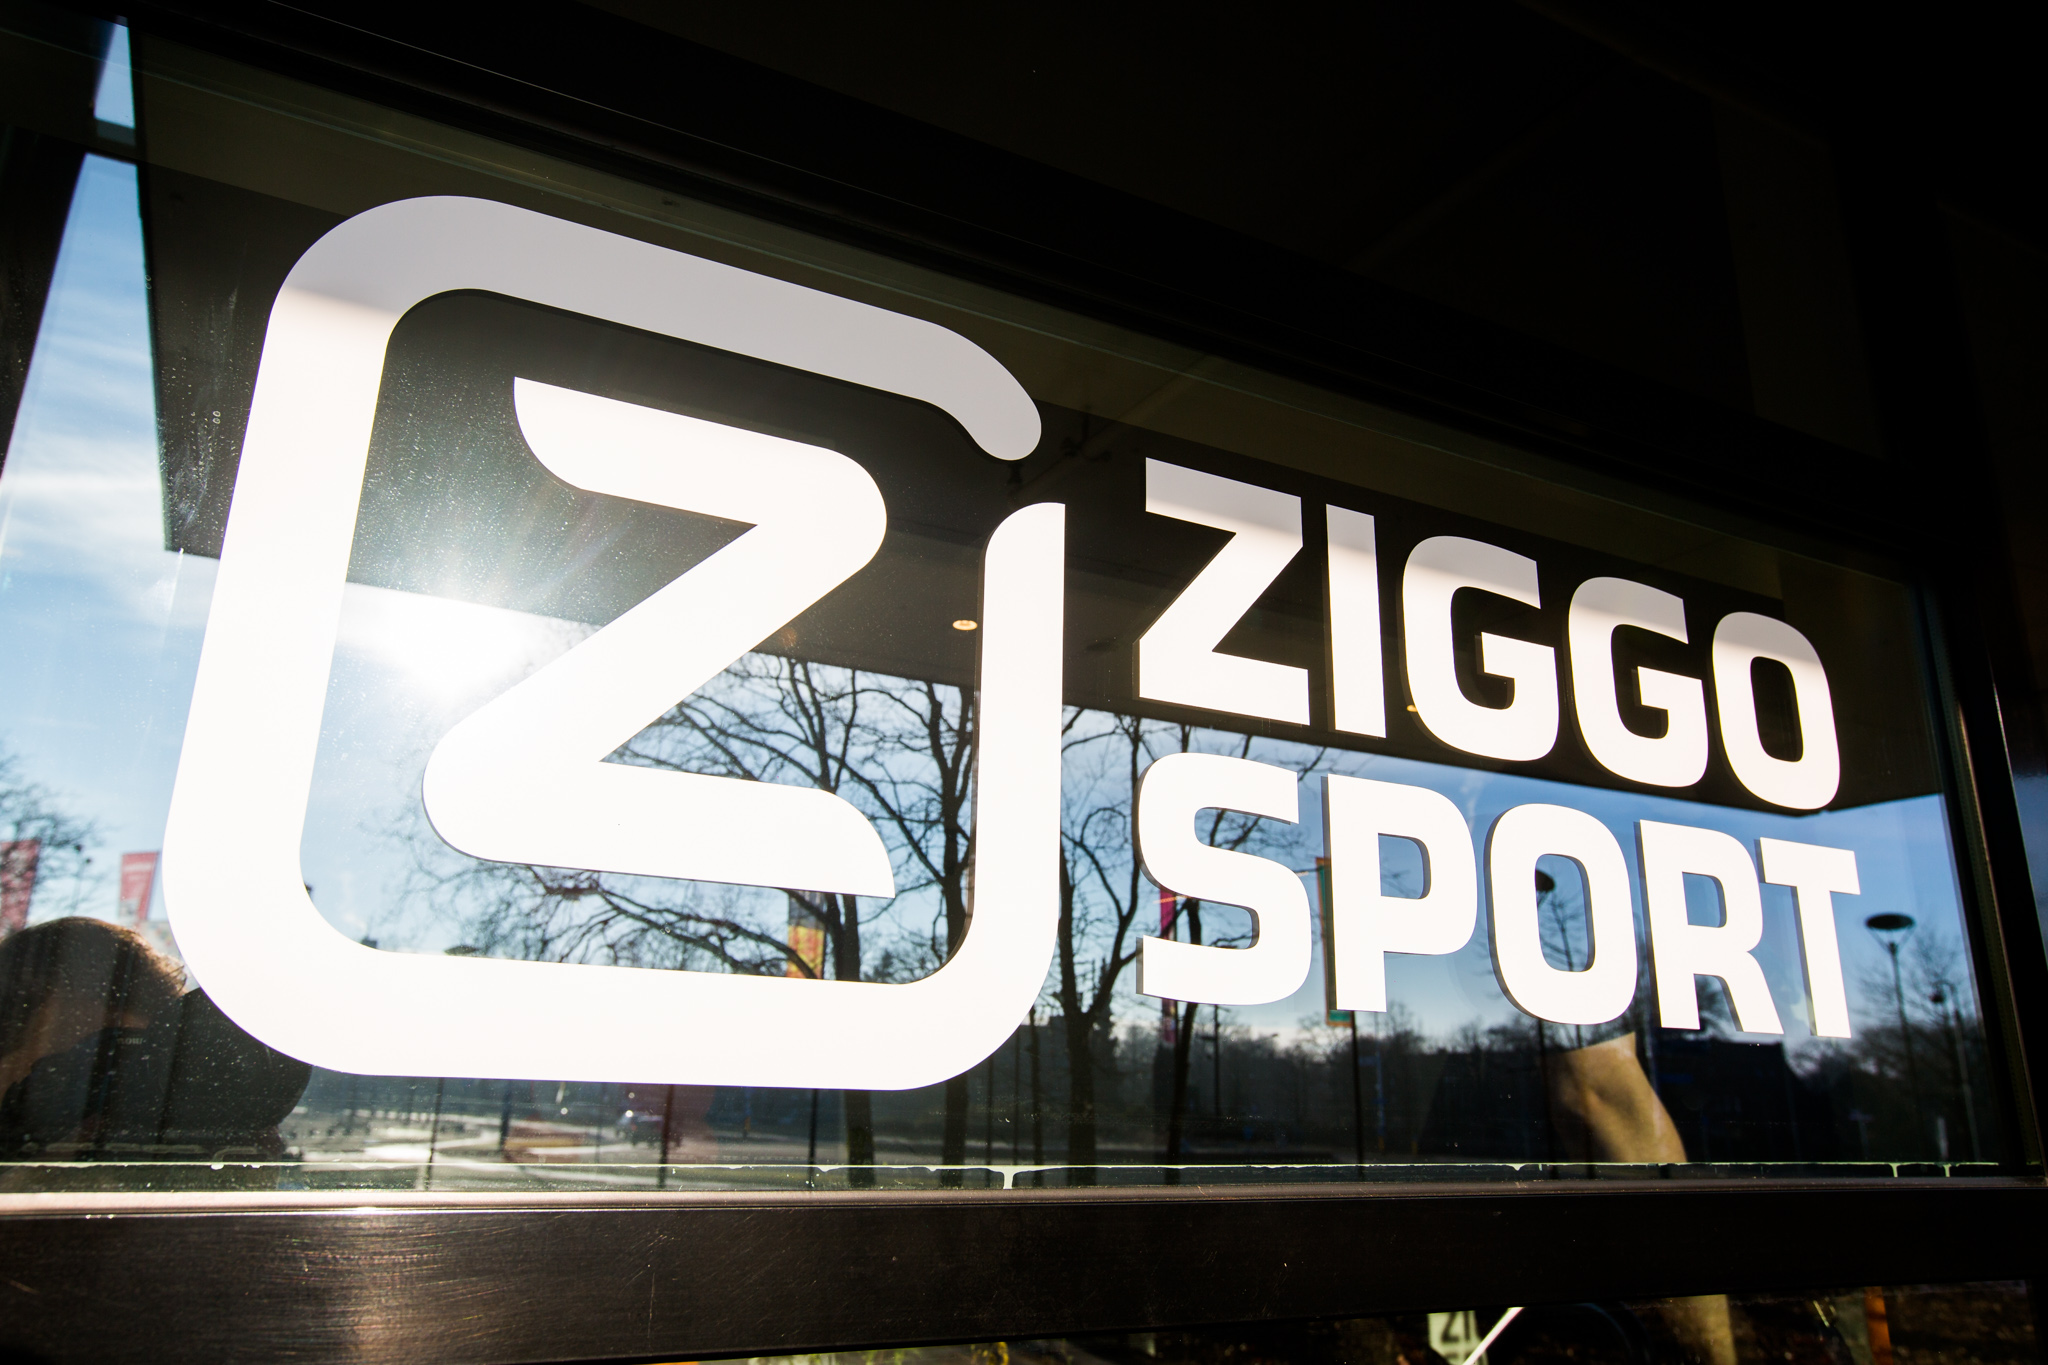 Ziggo Sport in teken play-off wedstrijden WK voetbal 2018